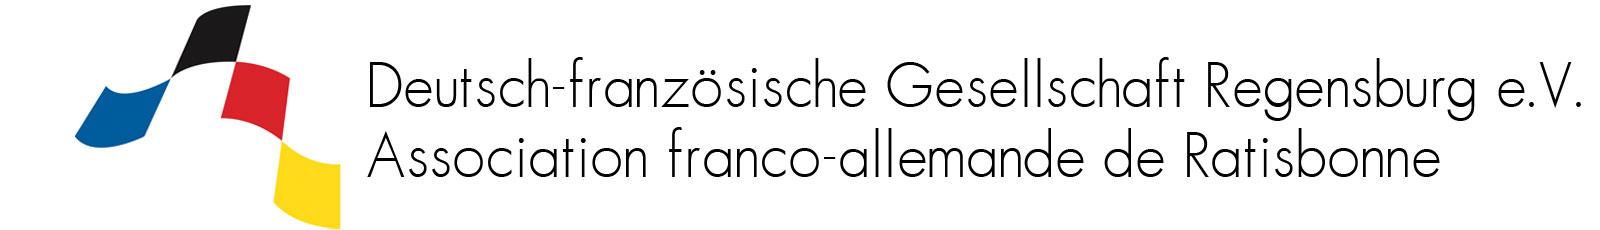 Deutsch französische Gesellschaft Regensburg